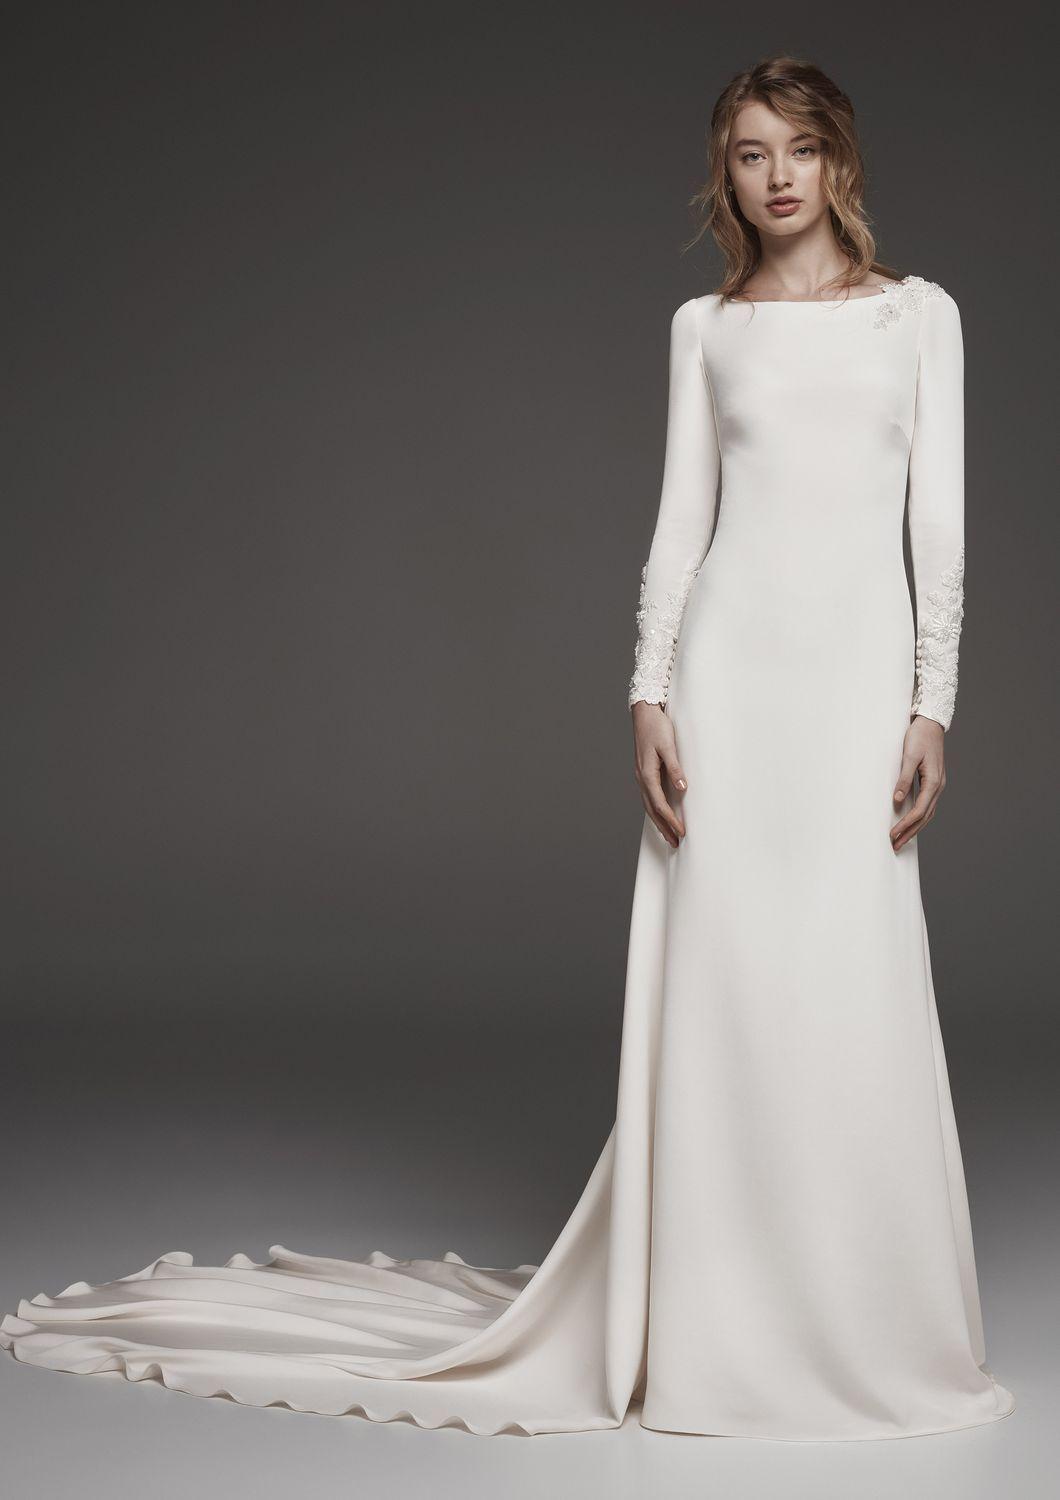 3c4bcf8025f Le modèle Huarte de Atelier Pronovias collection 2019 est une robe de mariée  droite en satin avec décolleté dans le dos et manches longues. Existe en  ivoir